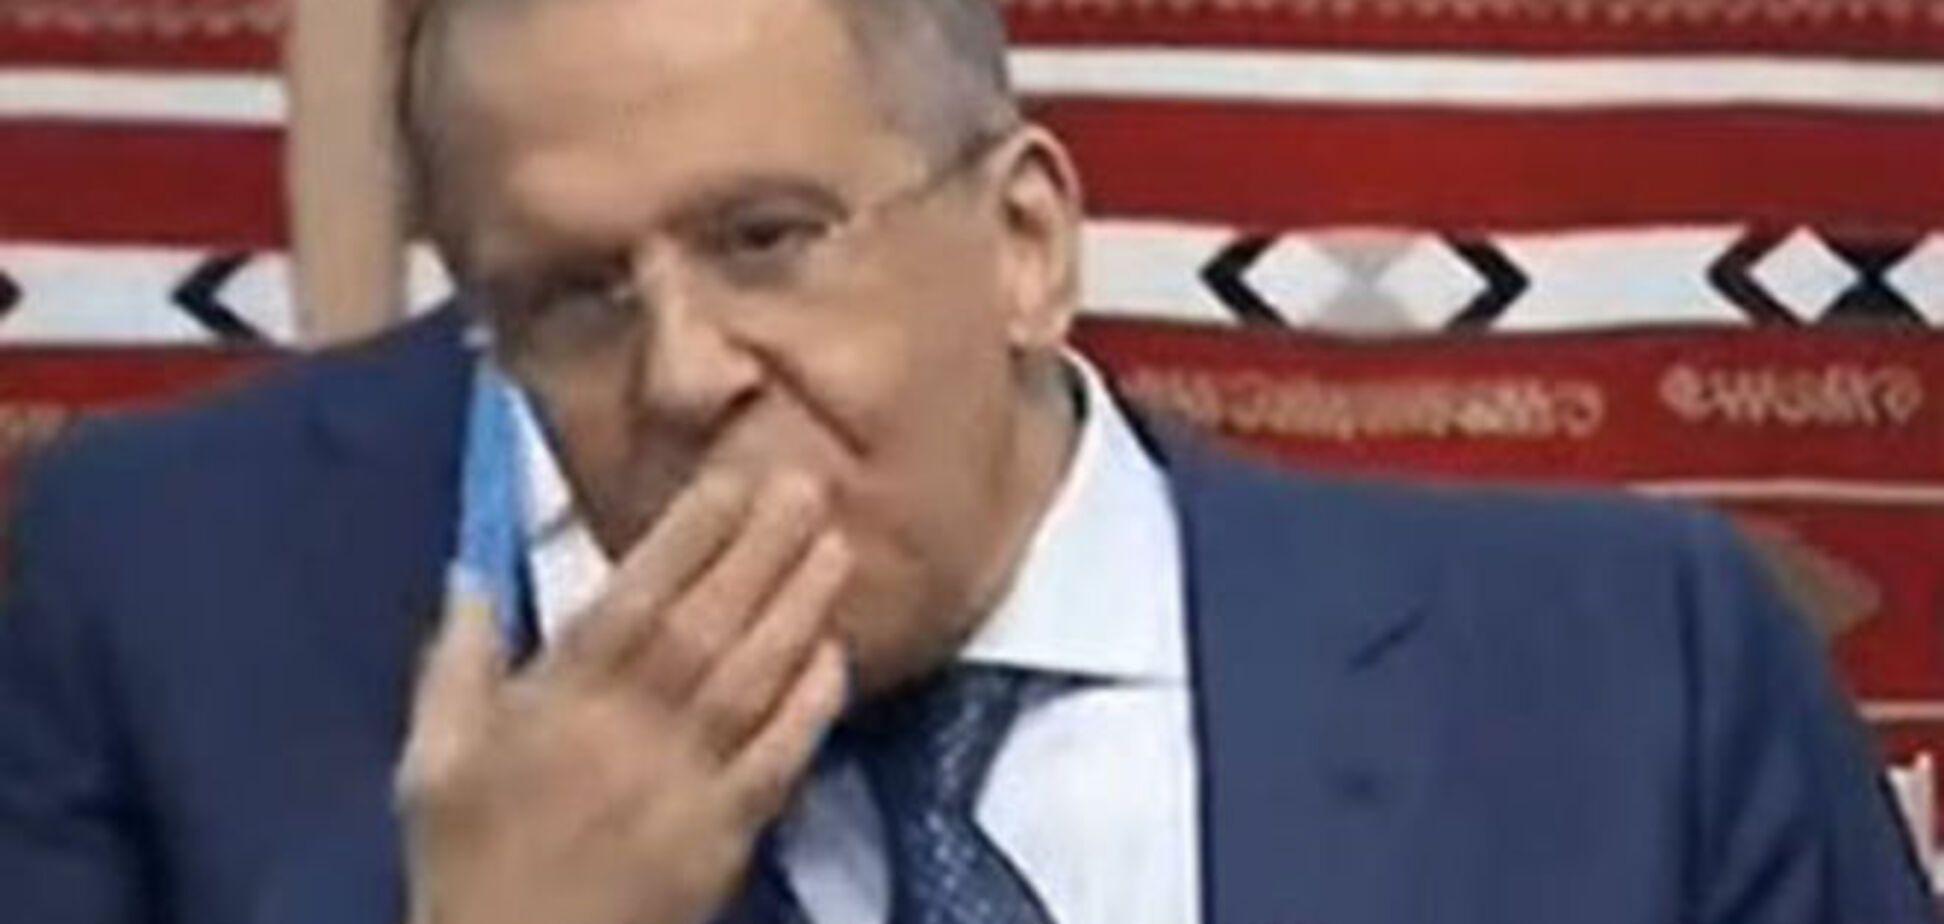 Всім чмоки! МЗС Росії 'порвало' мережу coub-відео з душкою-Лавровим і повітряними поцілунками